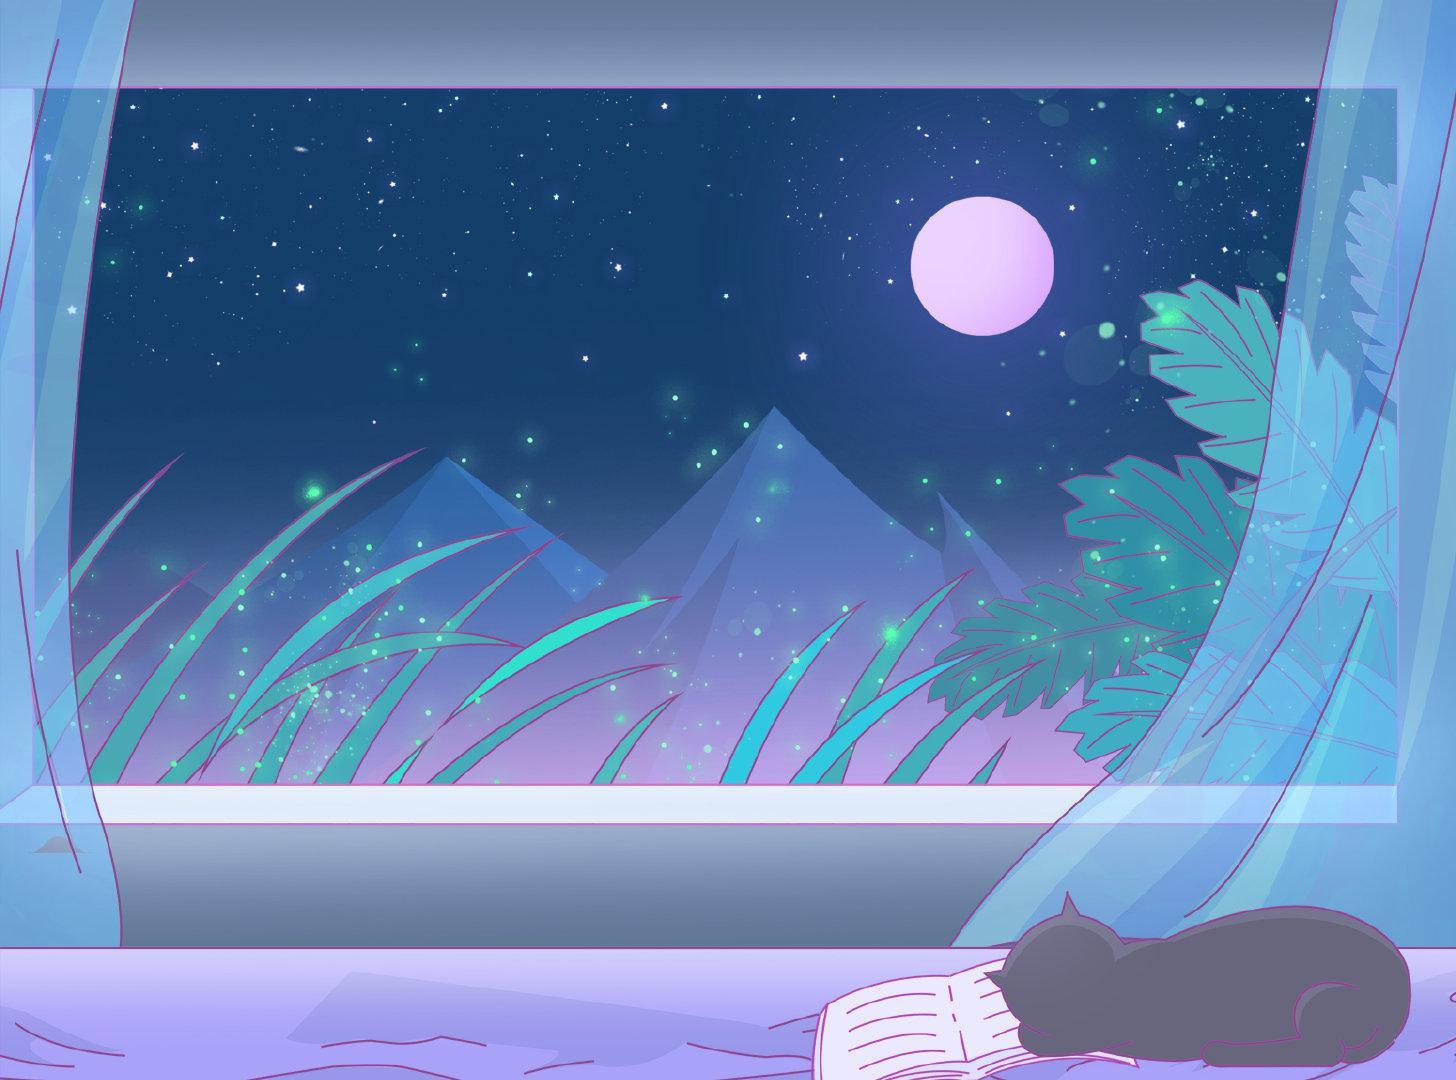 我的人生就像在白夜里走路。——东野圭吾《白夜行》